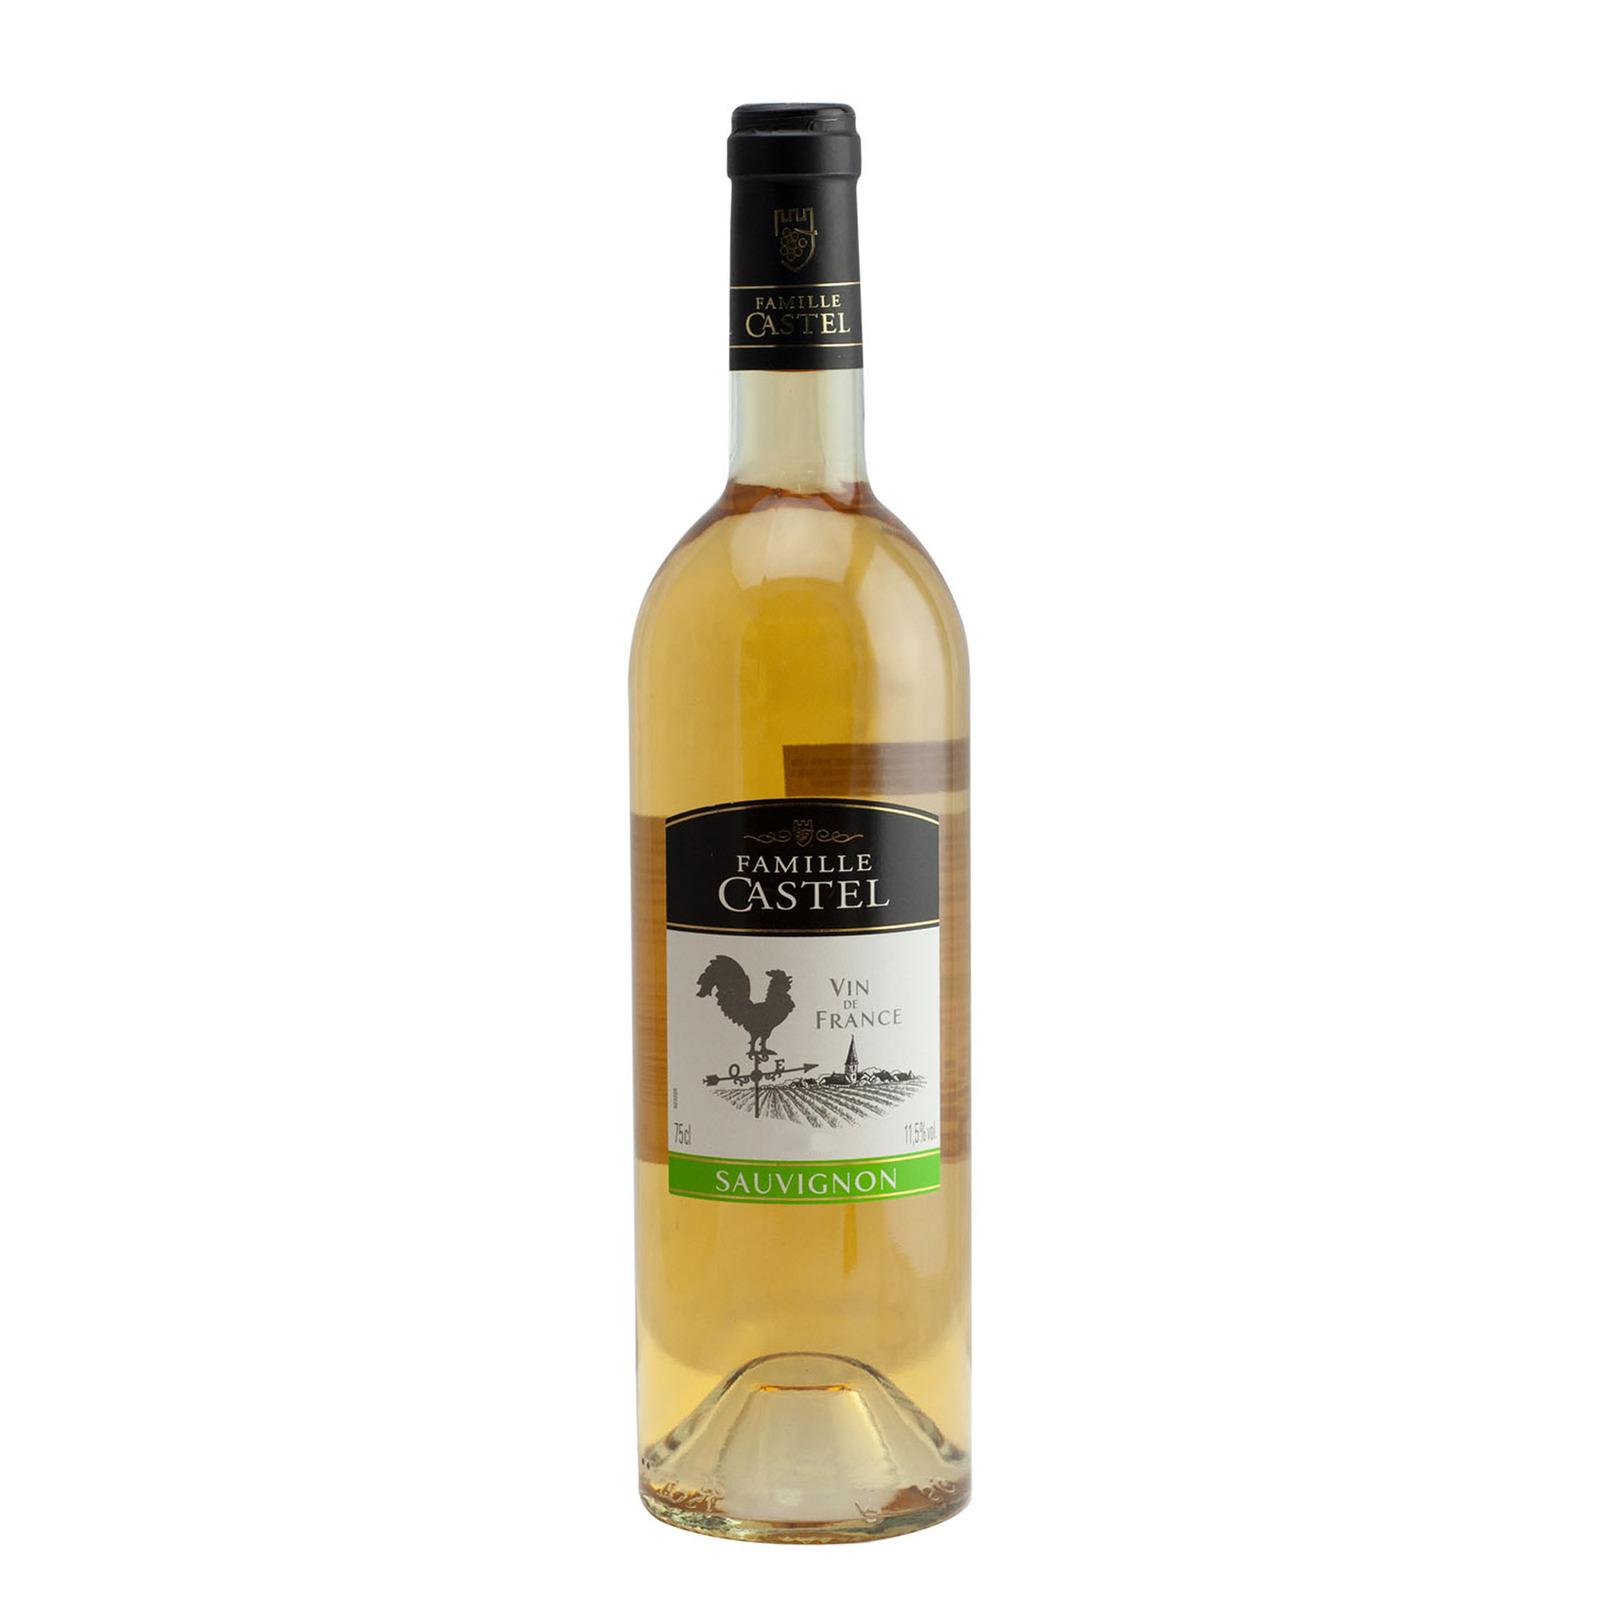 Famille Castel Vin De France Sauvignon Blanc